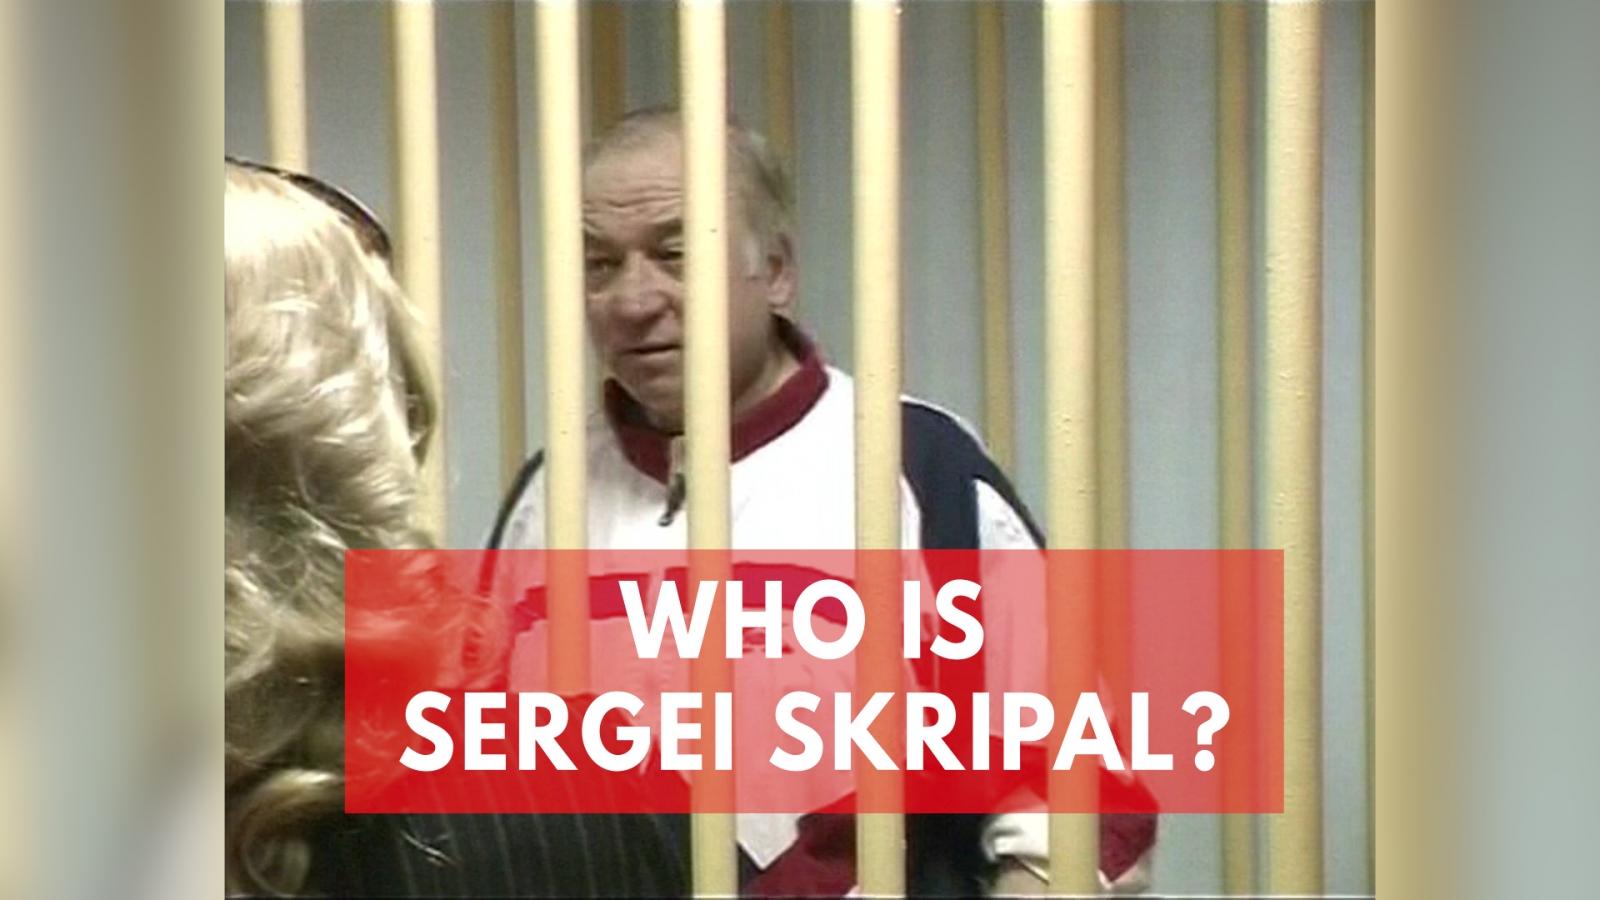 who-is-former-russian-spy-sergei-skripal